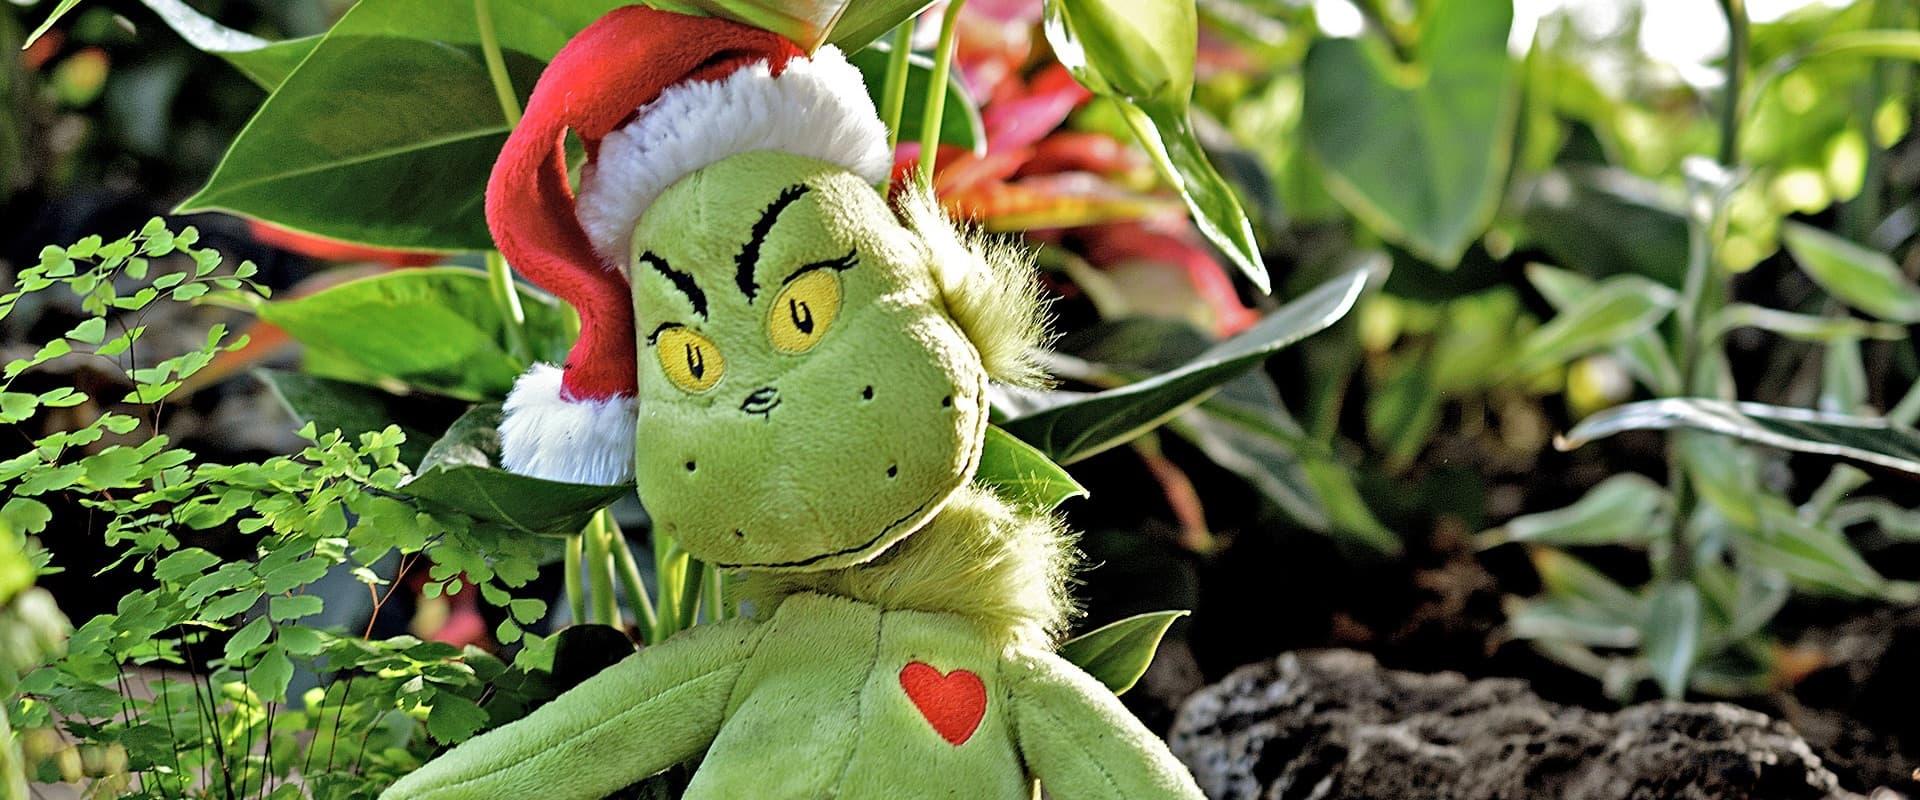 Der Grinch Weihnachtsfilm